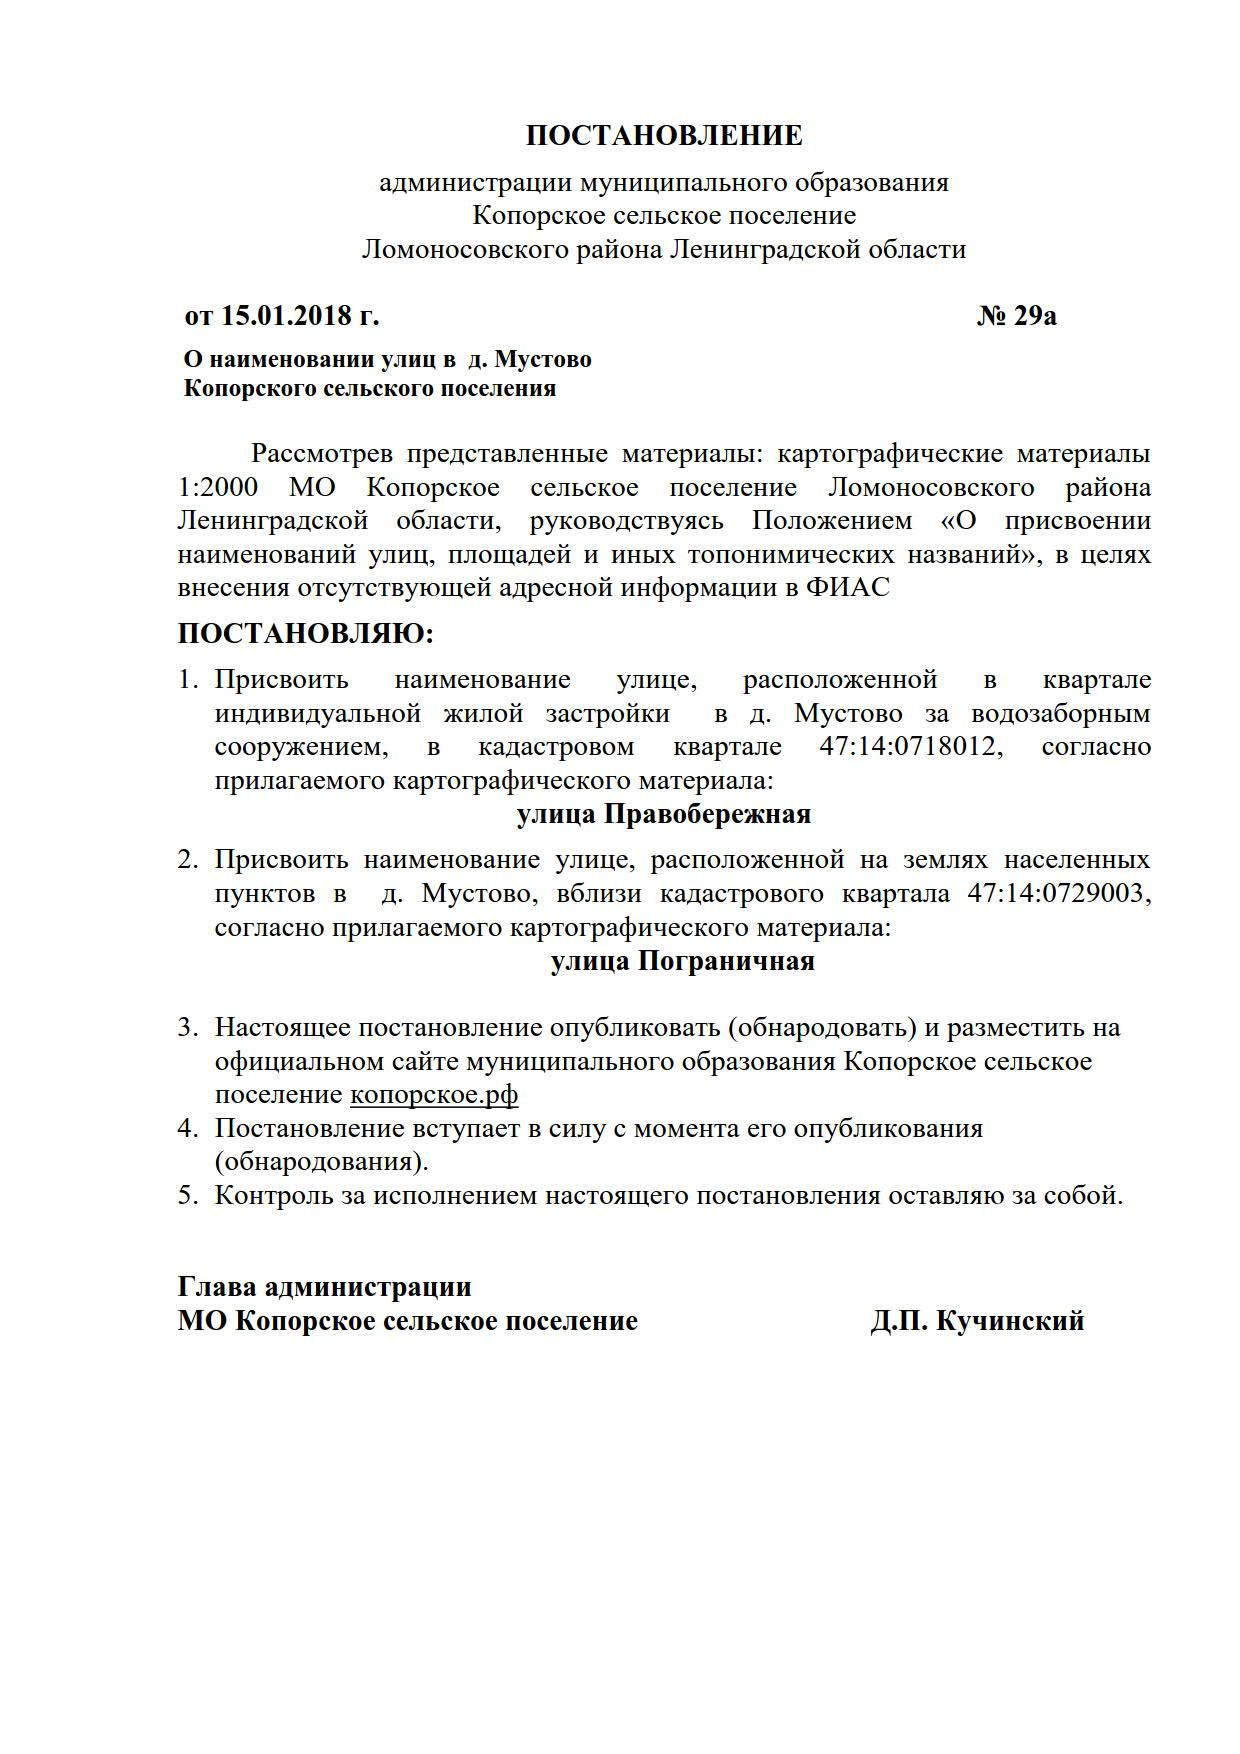 пост.29а от 15.01.18г. д.Мустово, ул. Правобережная, ул. Пограничная_1